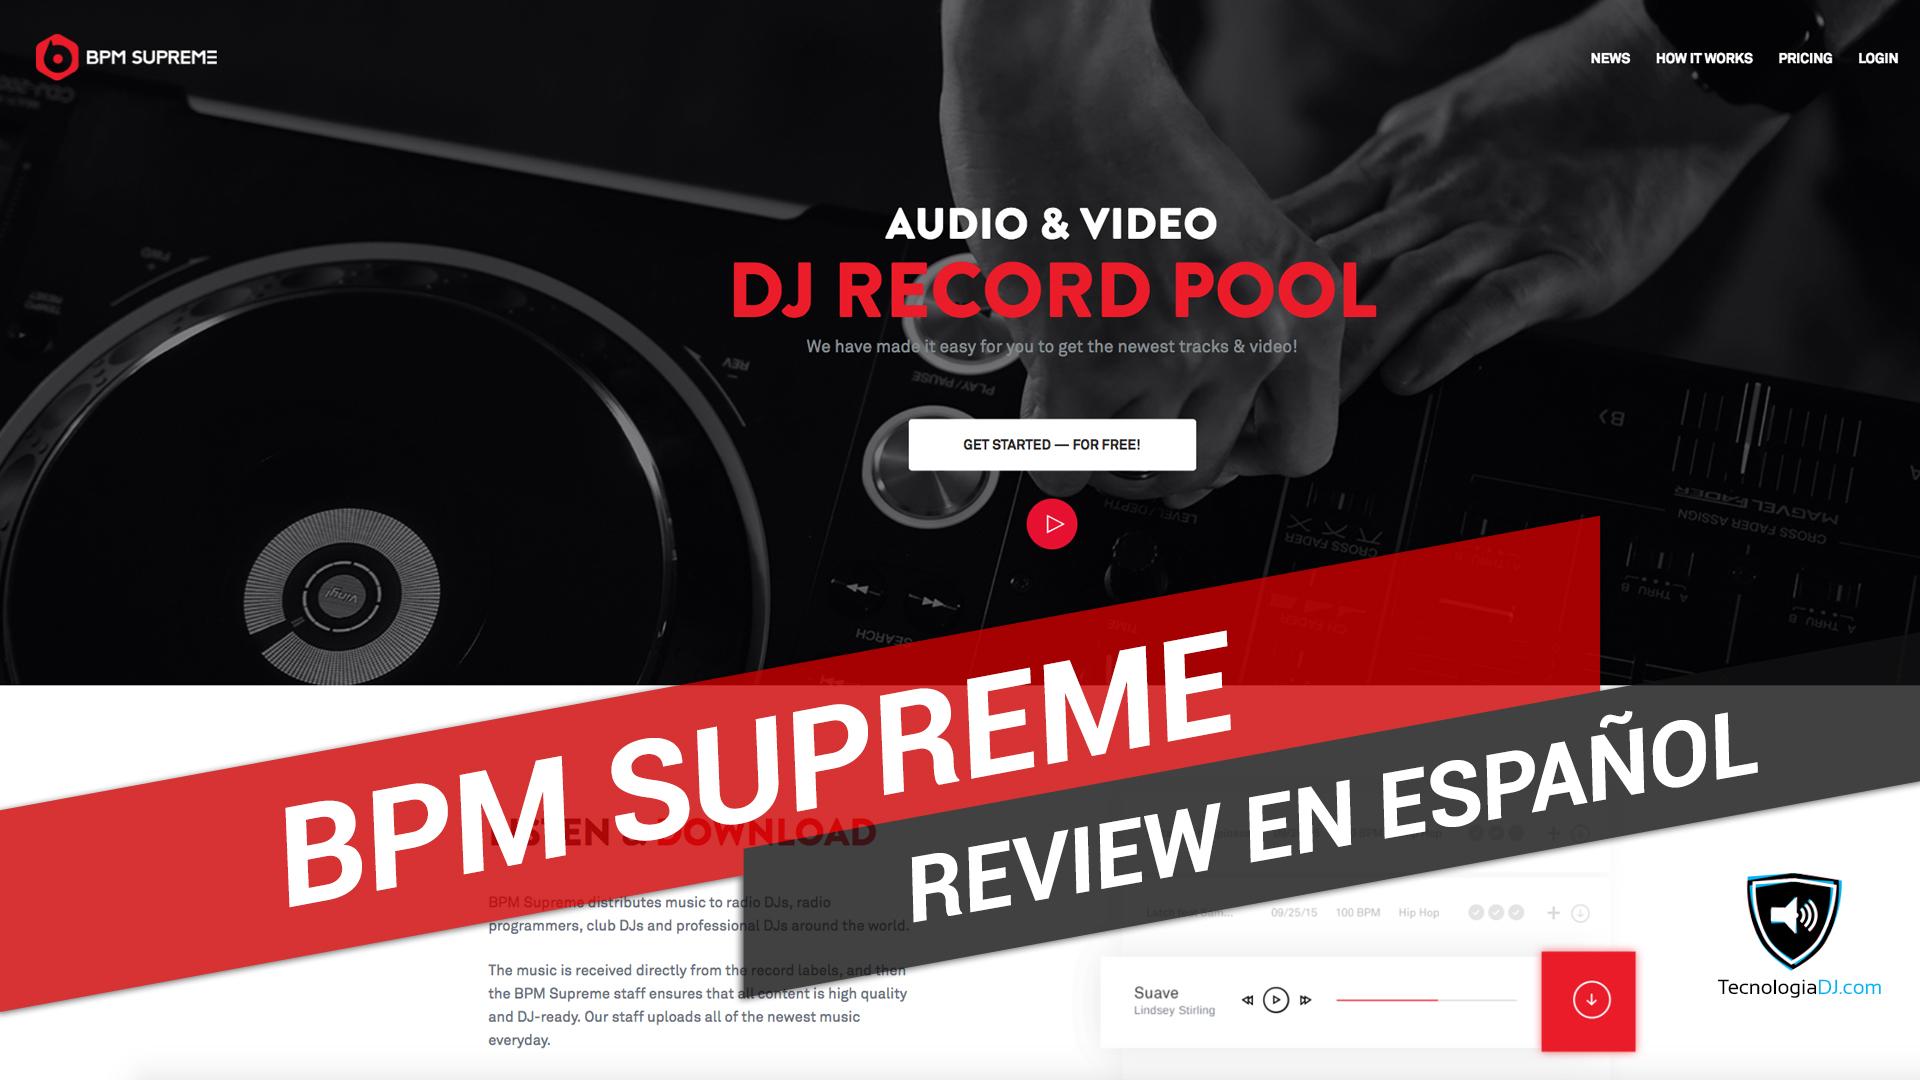 Review en español record pool BPM Supreme